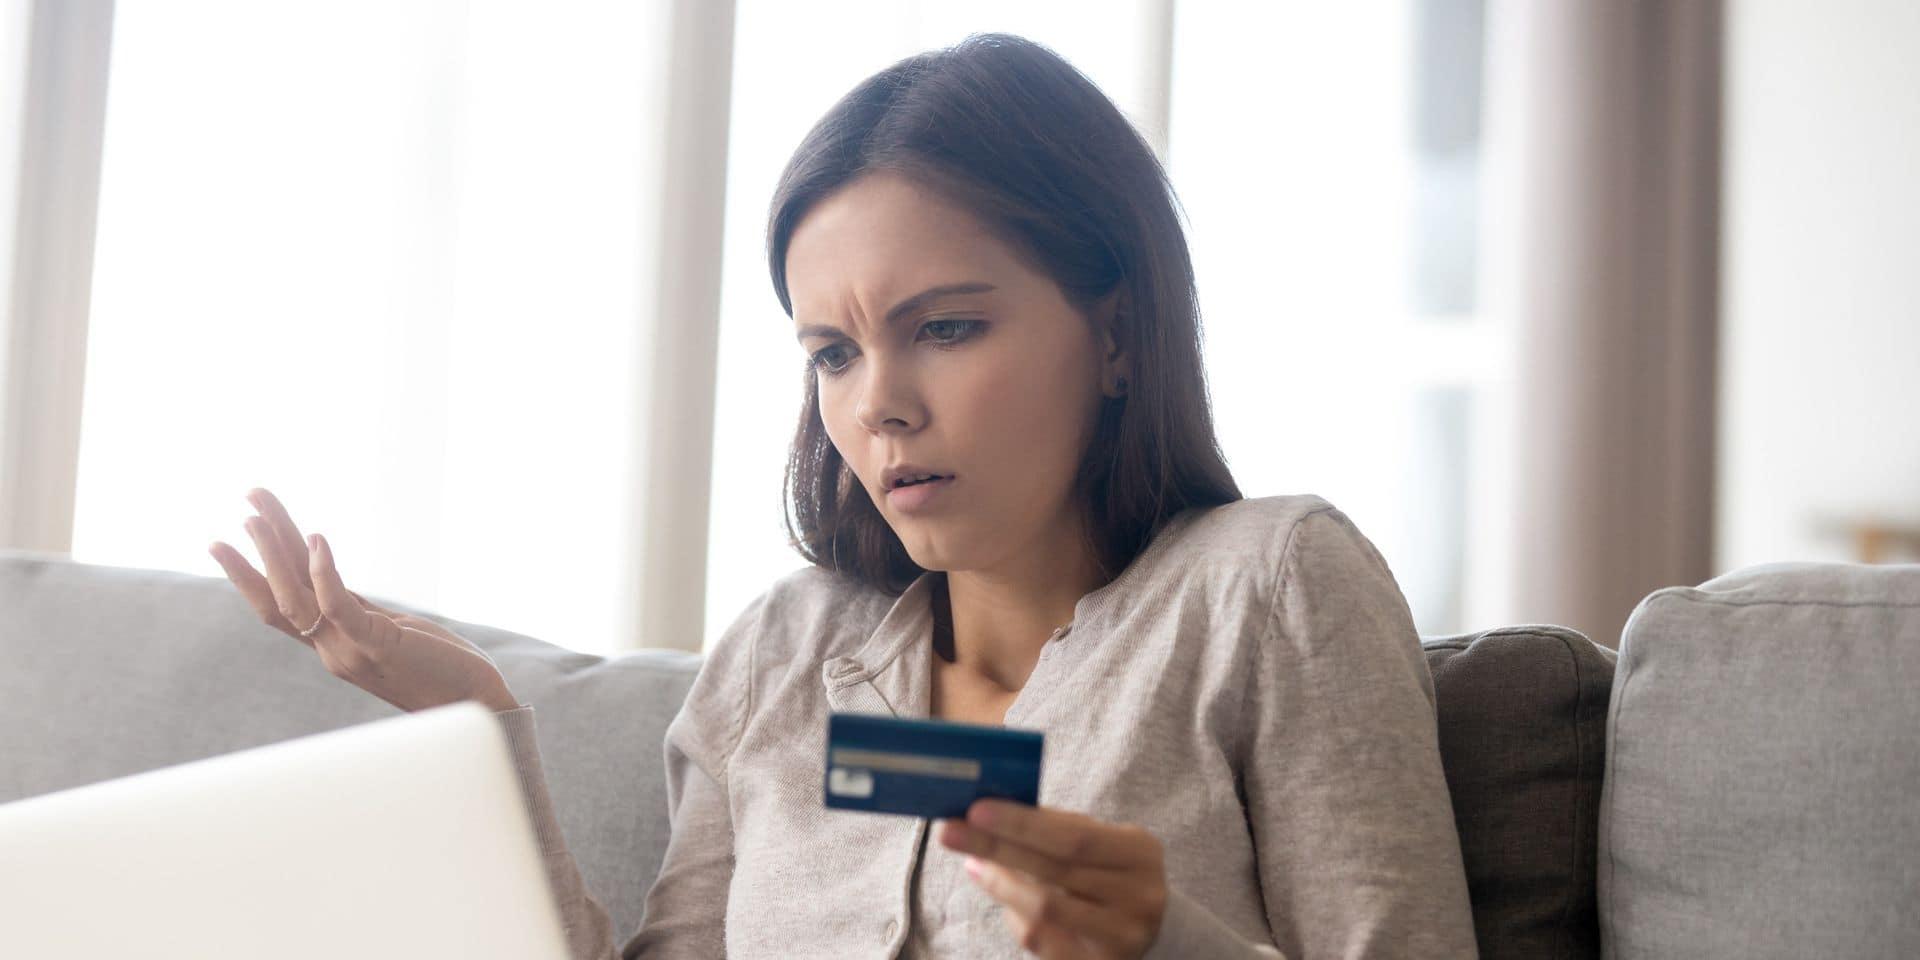 """La FSMA indique que l'usage accru d'internet expose davantage les consommateurs """"au démarchage d'escrocs proposant des offres de tous types""""."""